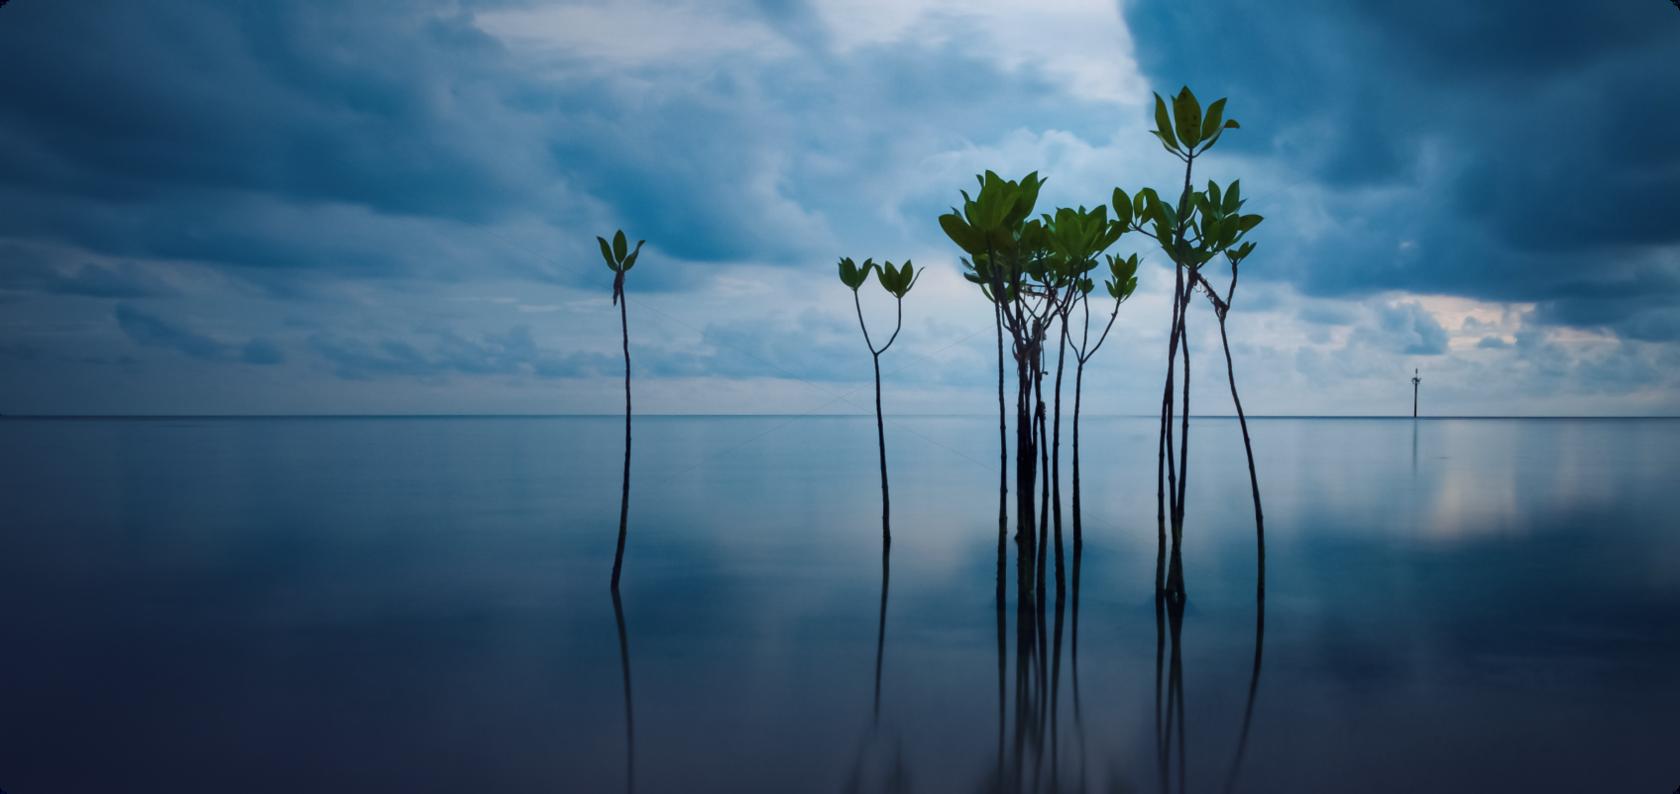 Myanmar Blue Carbon project from Dr Arne Fjørtoft